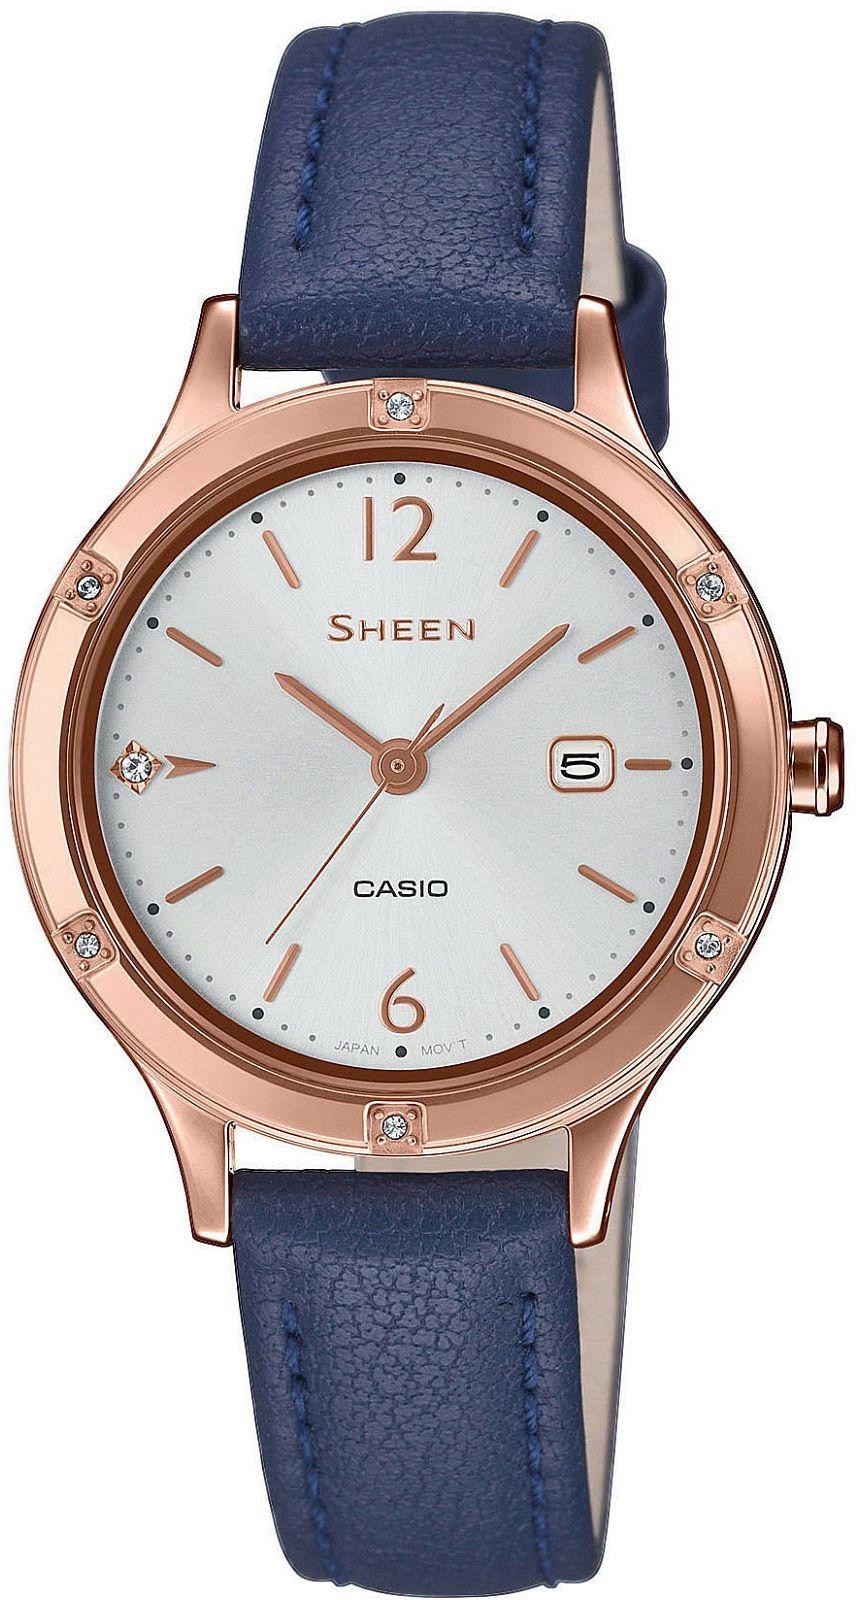 CASIO Sheen SHE-4533PGL-7BUER > Wysyłka tego samego dnia Grawer 0zł Darmowa dostawa Kurierem/Inpost Darmowy zwrot przez 100 DNI